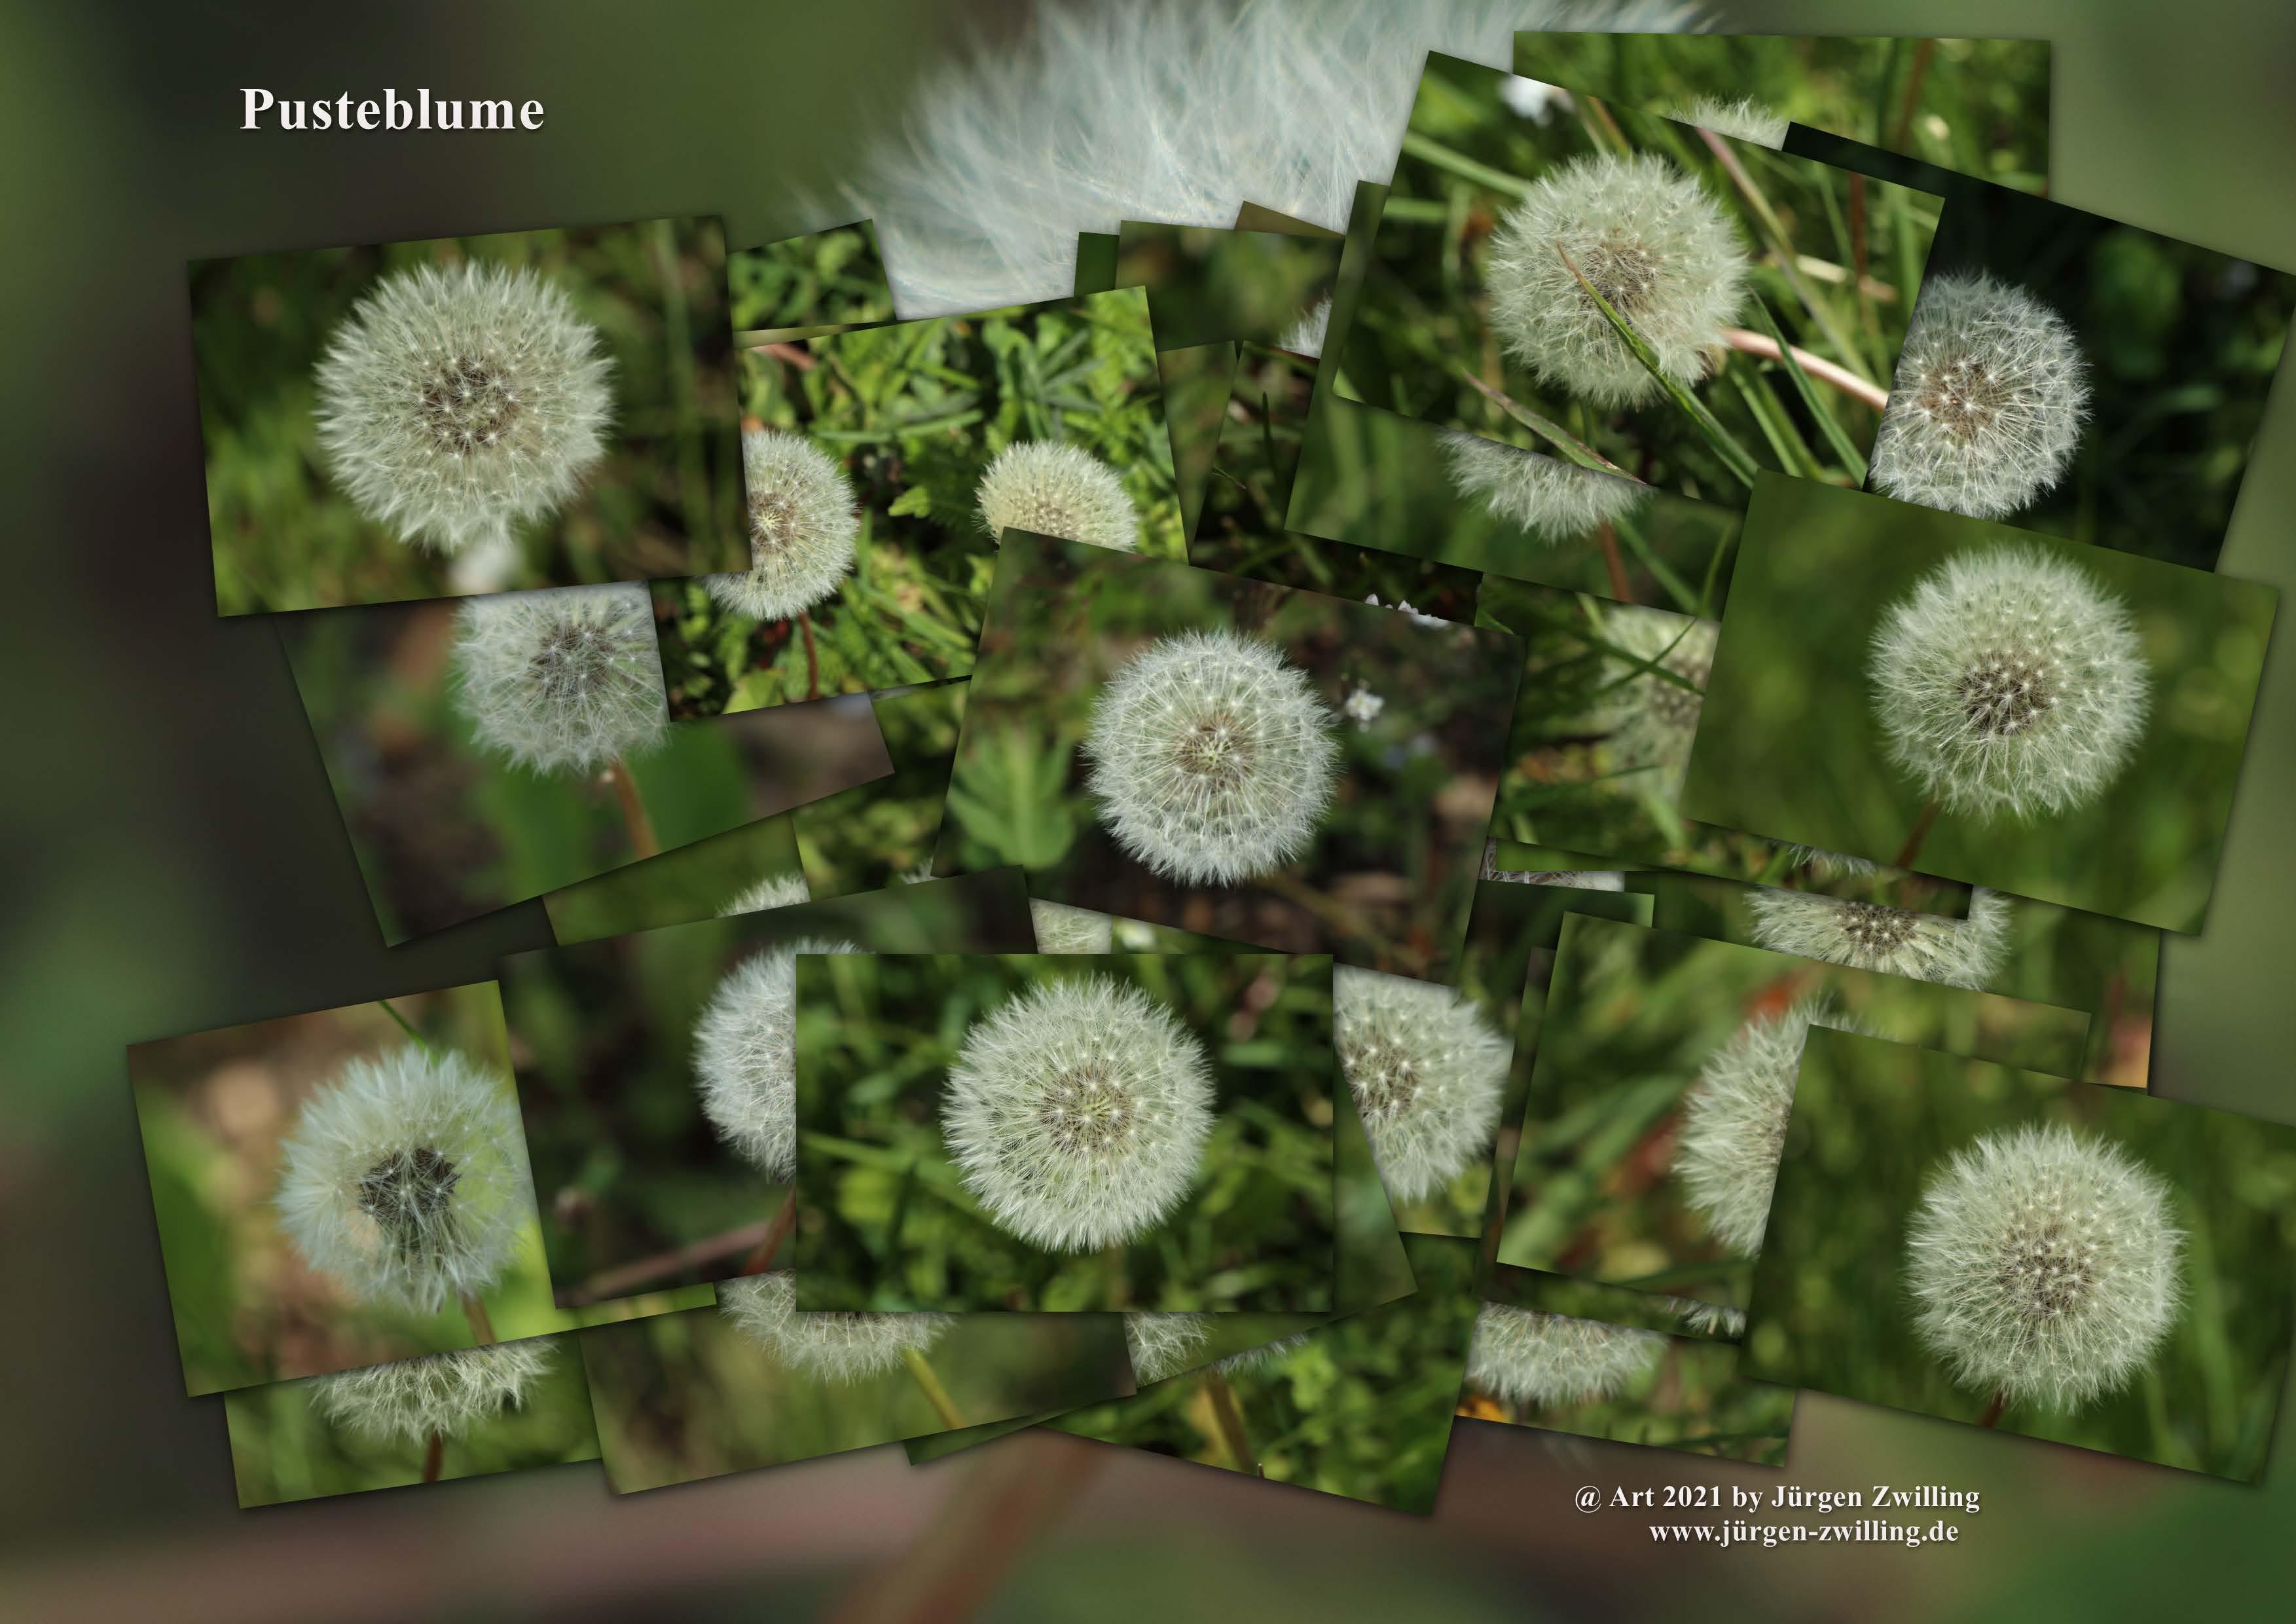 Pusteblume - Korbblütler - Mainz Finthen - Rheinhessen